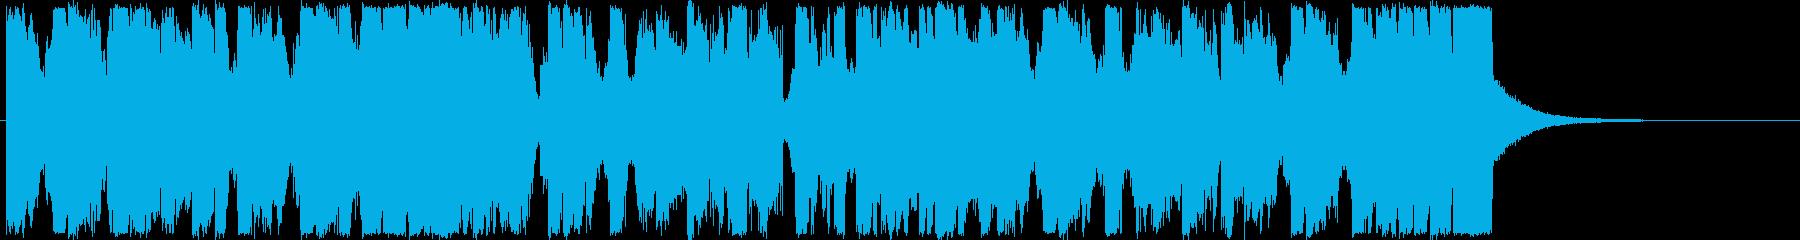 ワブルベースと尺八の和風ダブステップの再生済みの波形